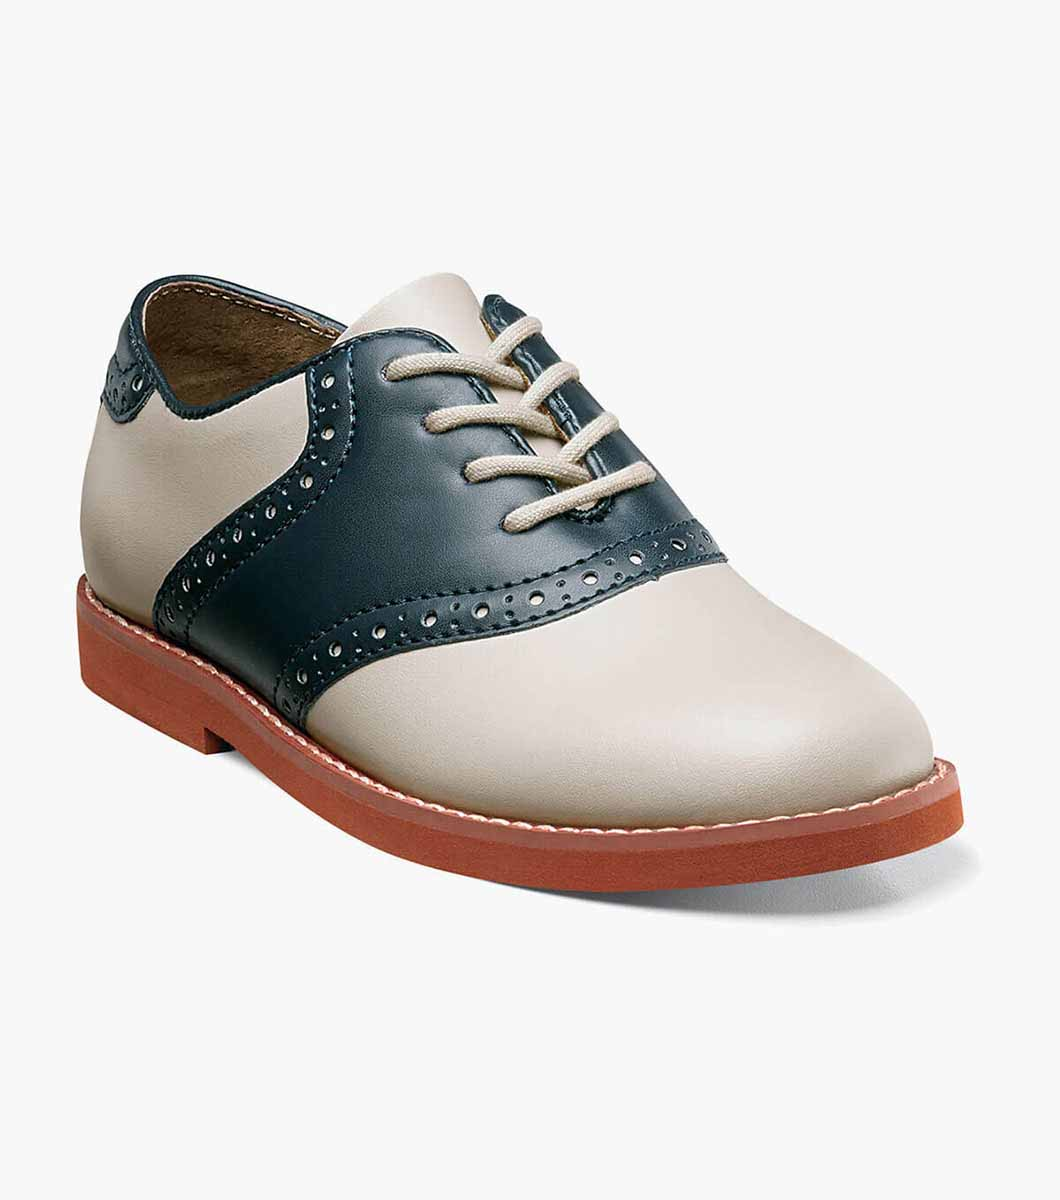 dc5b328e9bf5 Boy s Dress Shoes